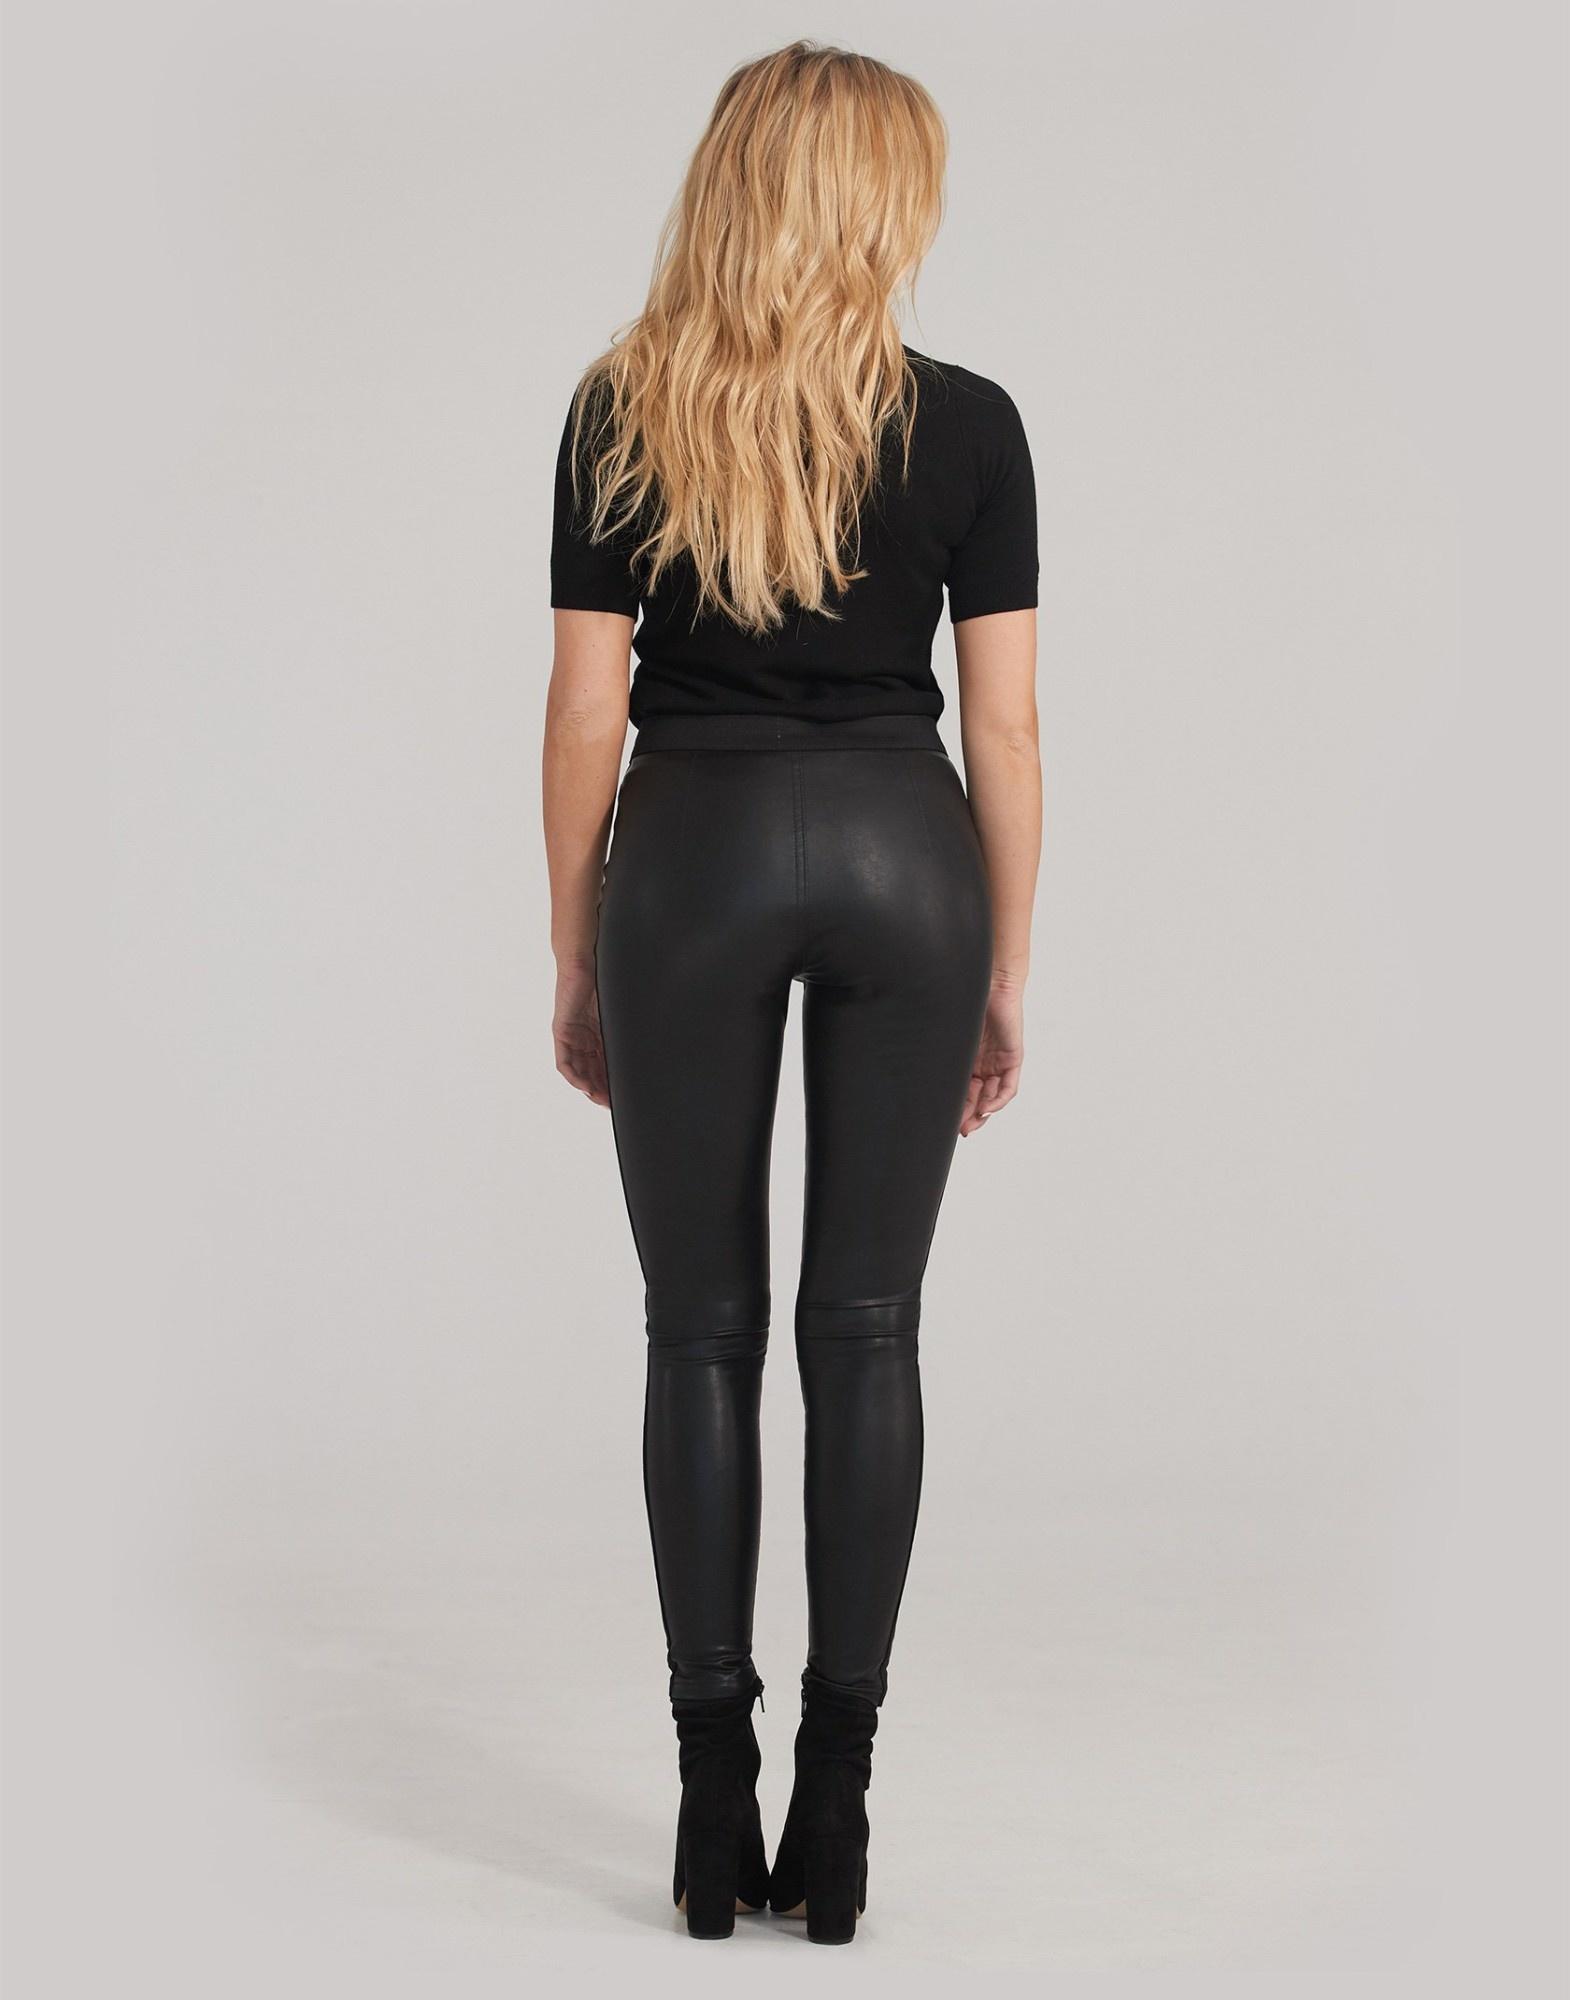 Yoga Jeans RACHEL SKINNY PANT / Cobra